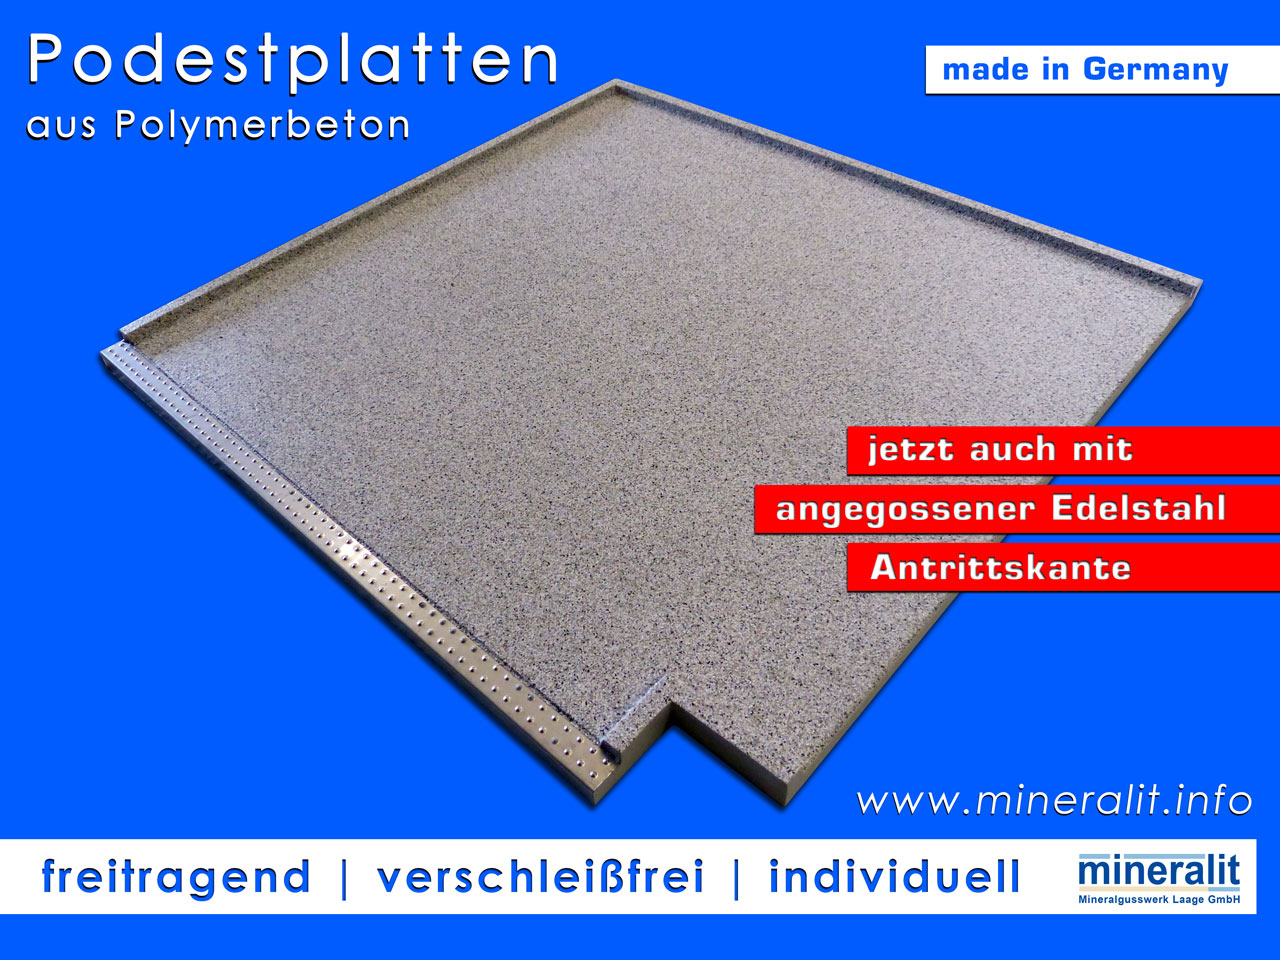 Podestplatten aus verschleißfreiem Polymerbeton